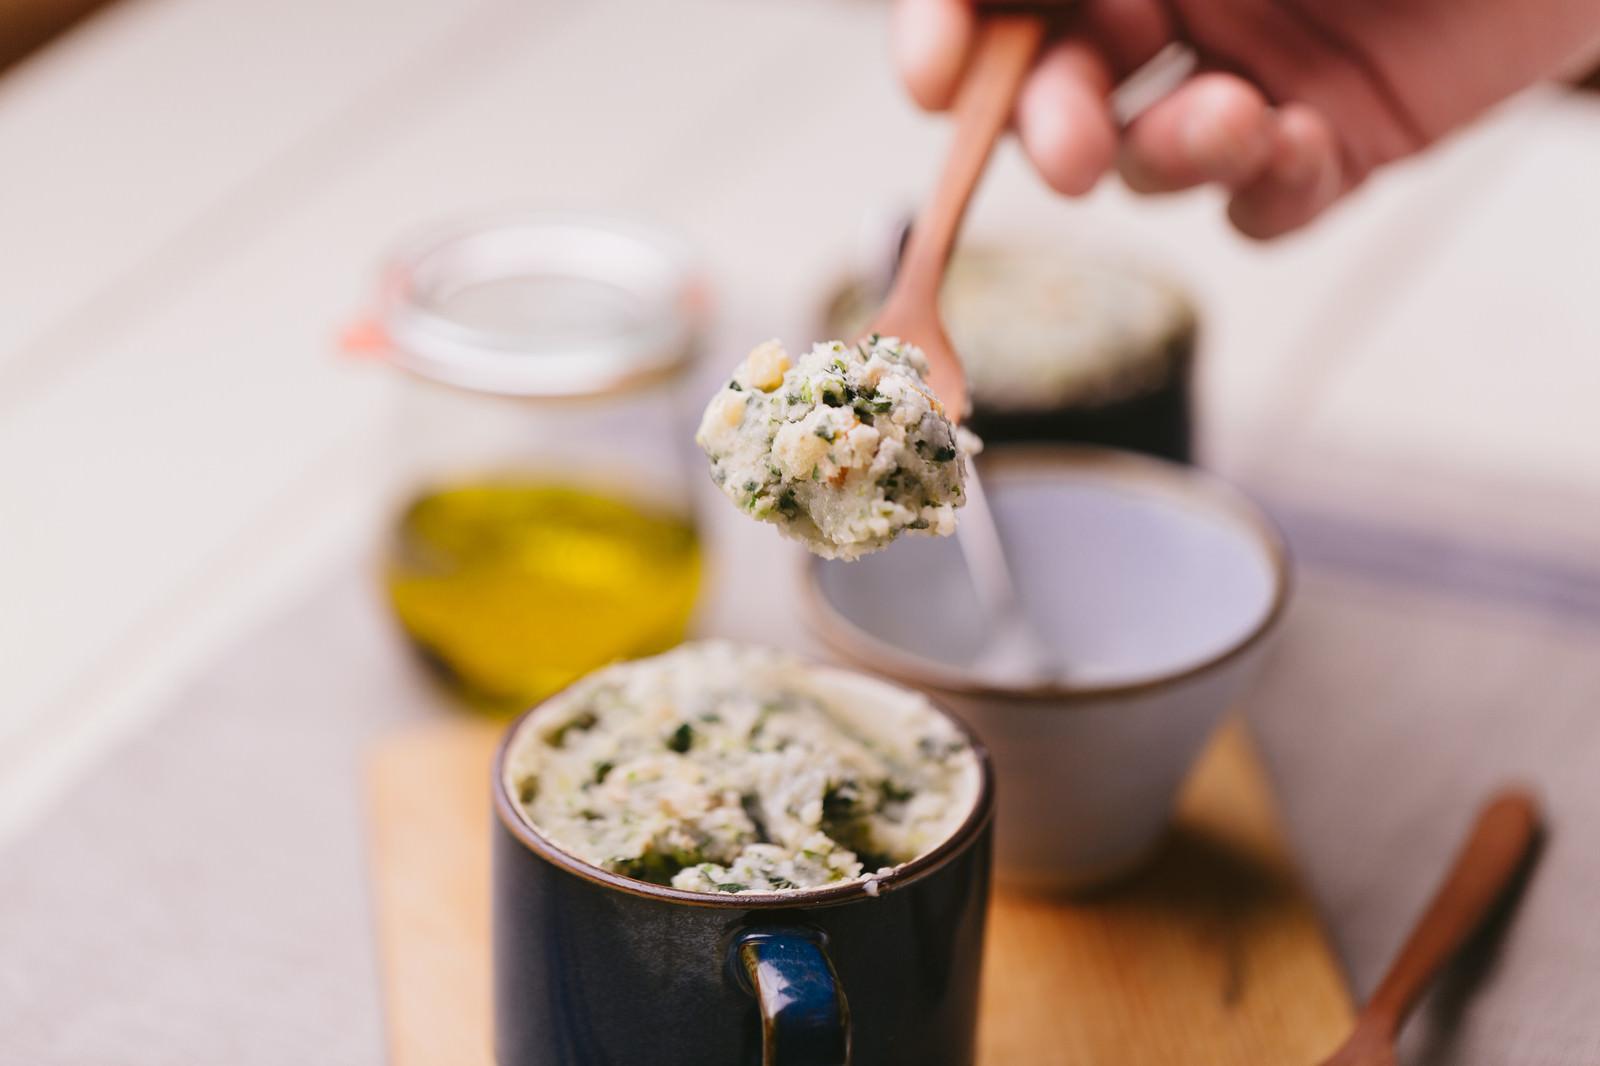 「クルミとほうれん草のもちっと蒸しパン」の写真